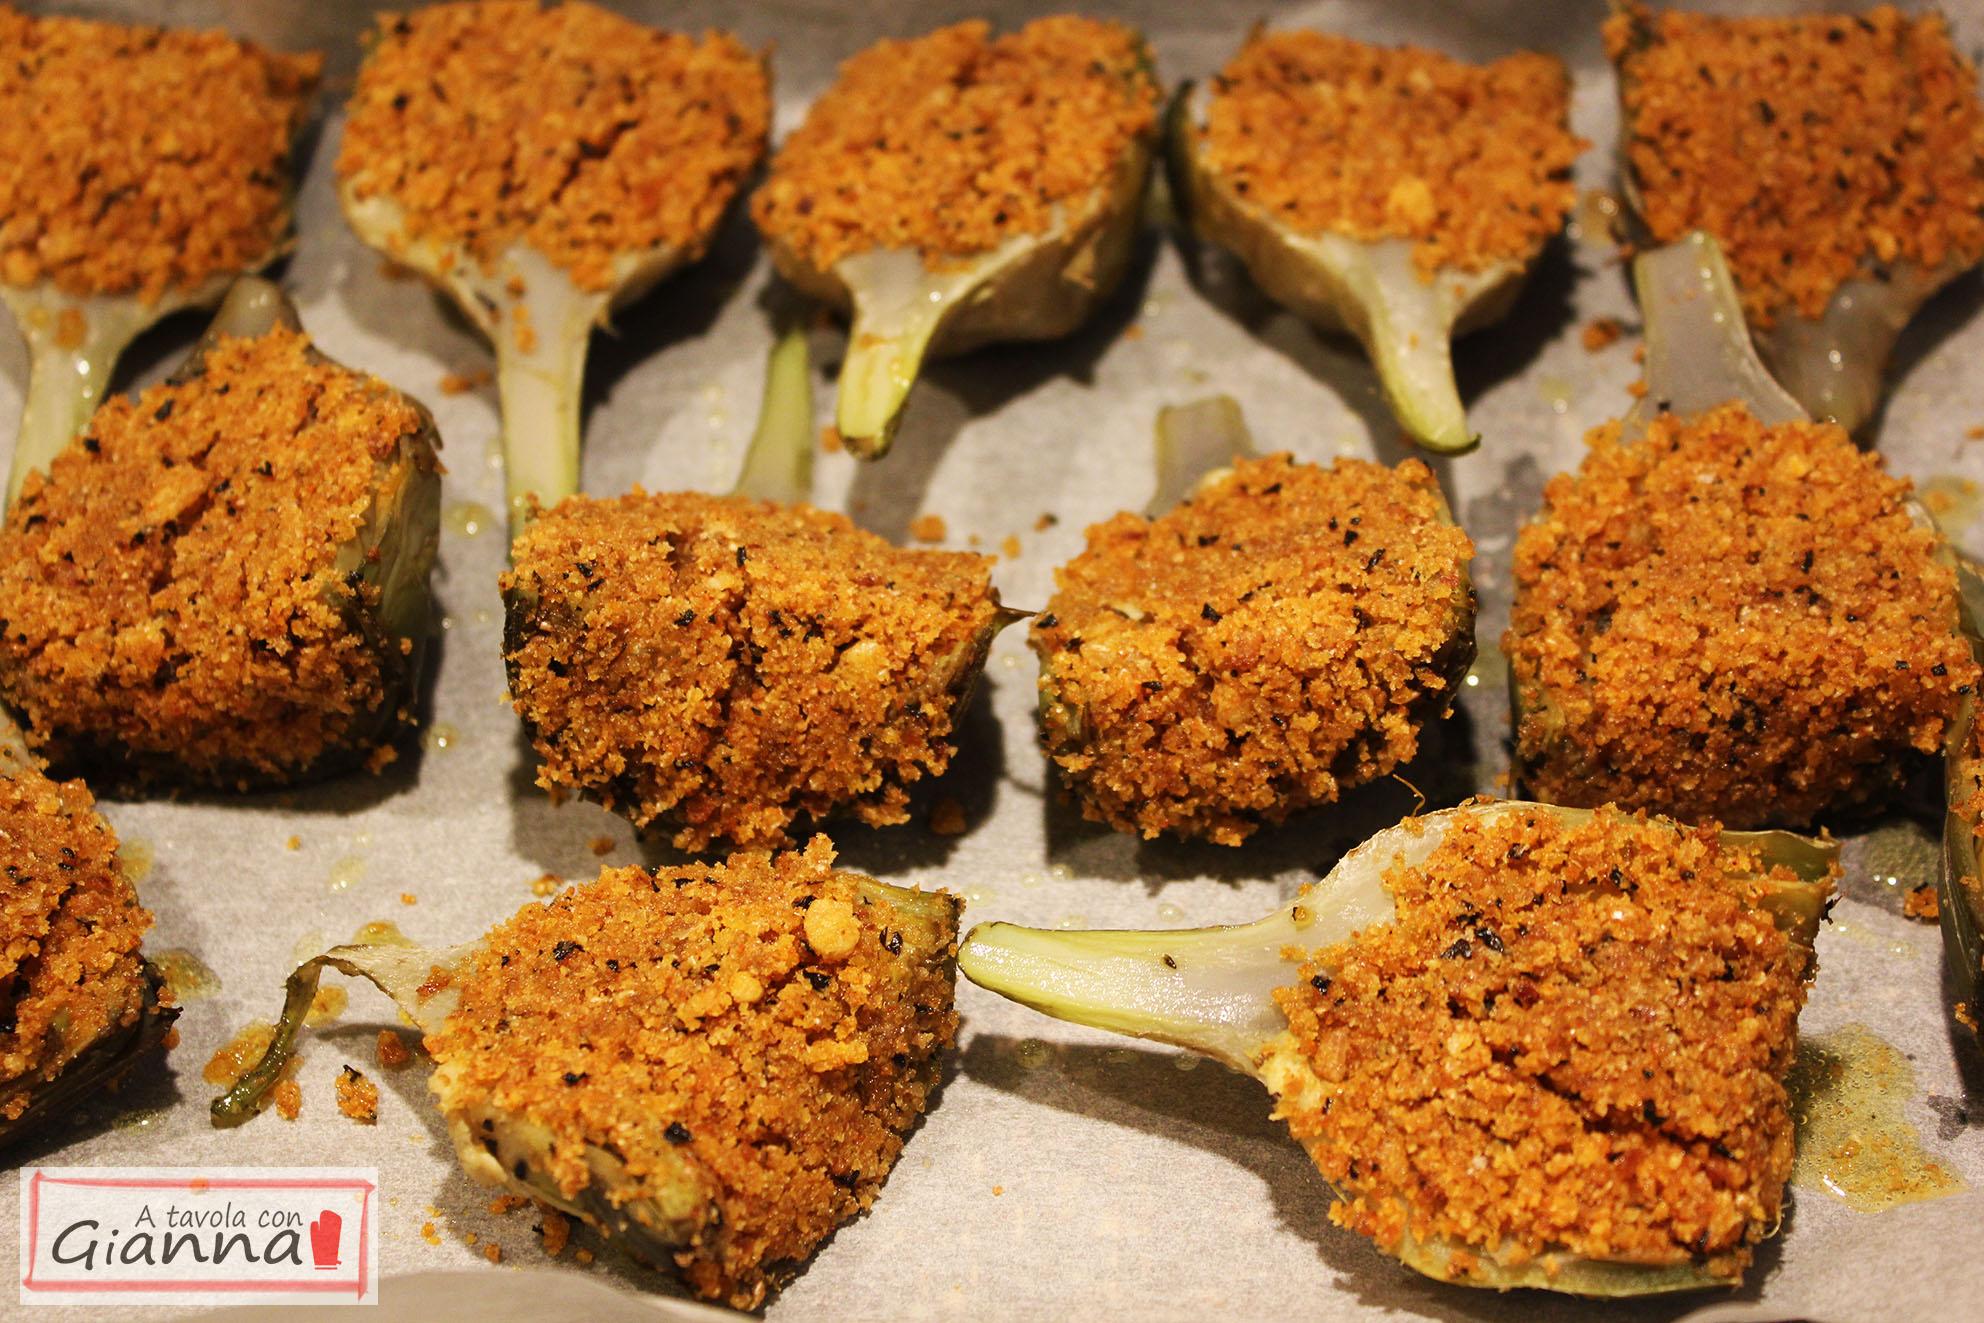 Cuori di carciofo con mollica integrale, paprika e menta